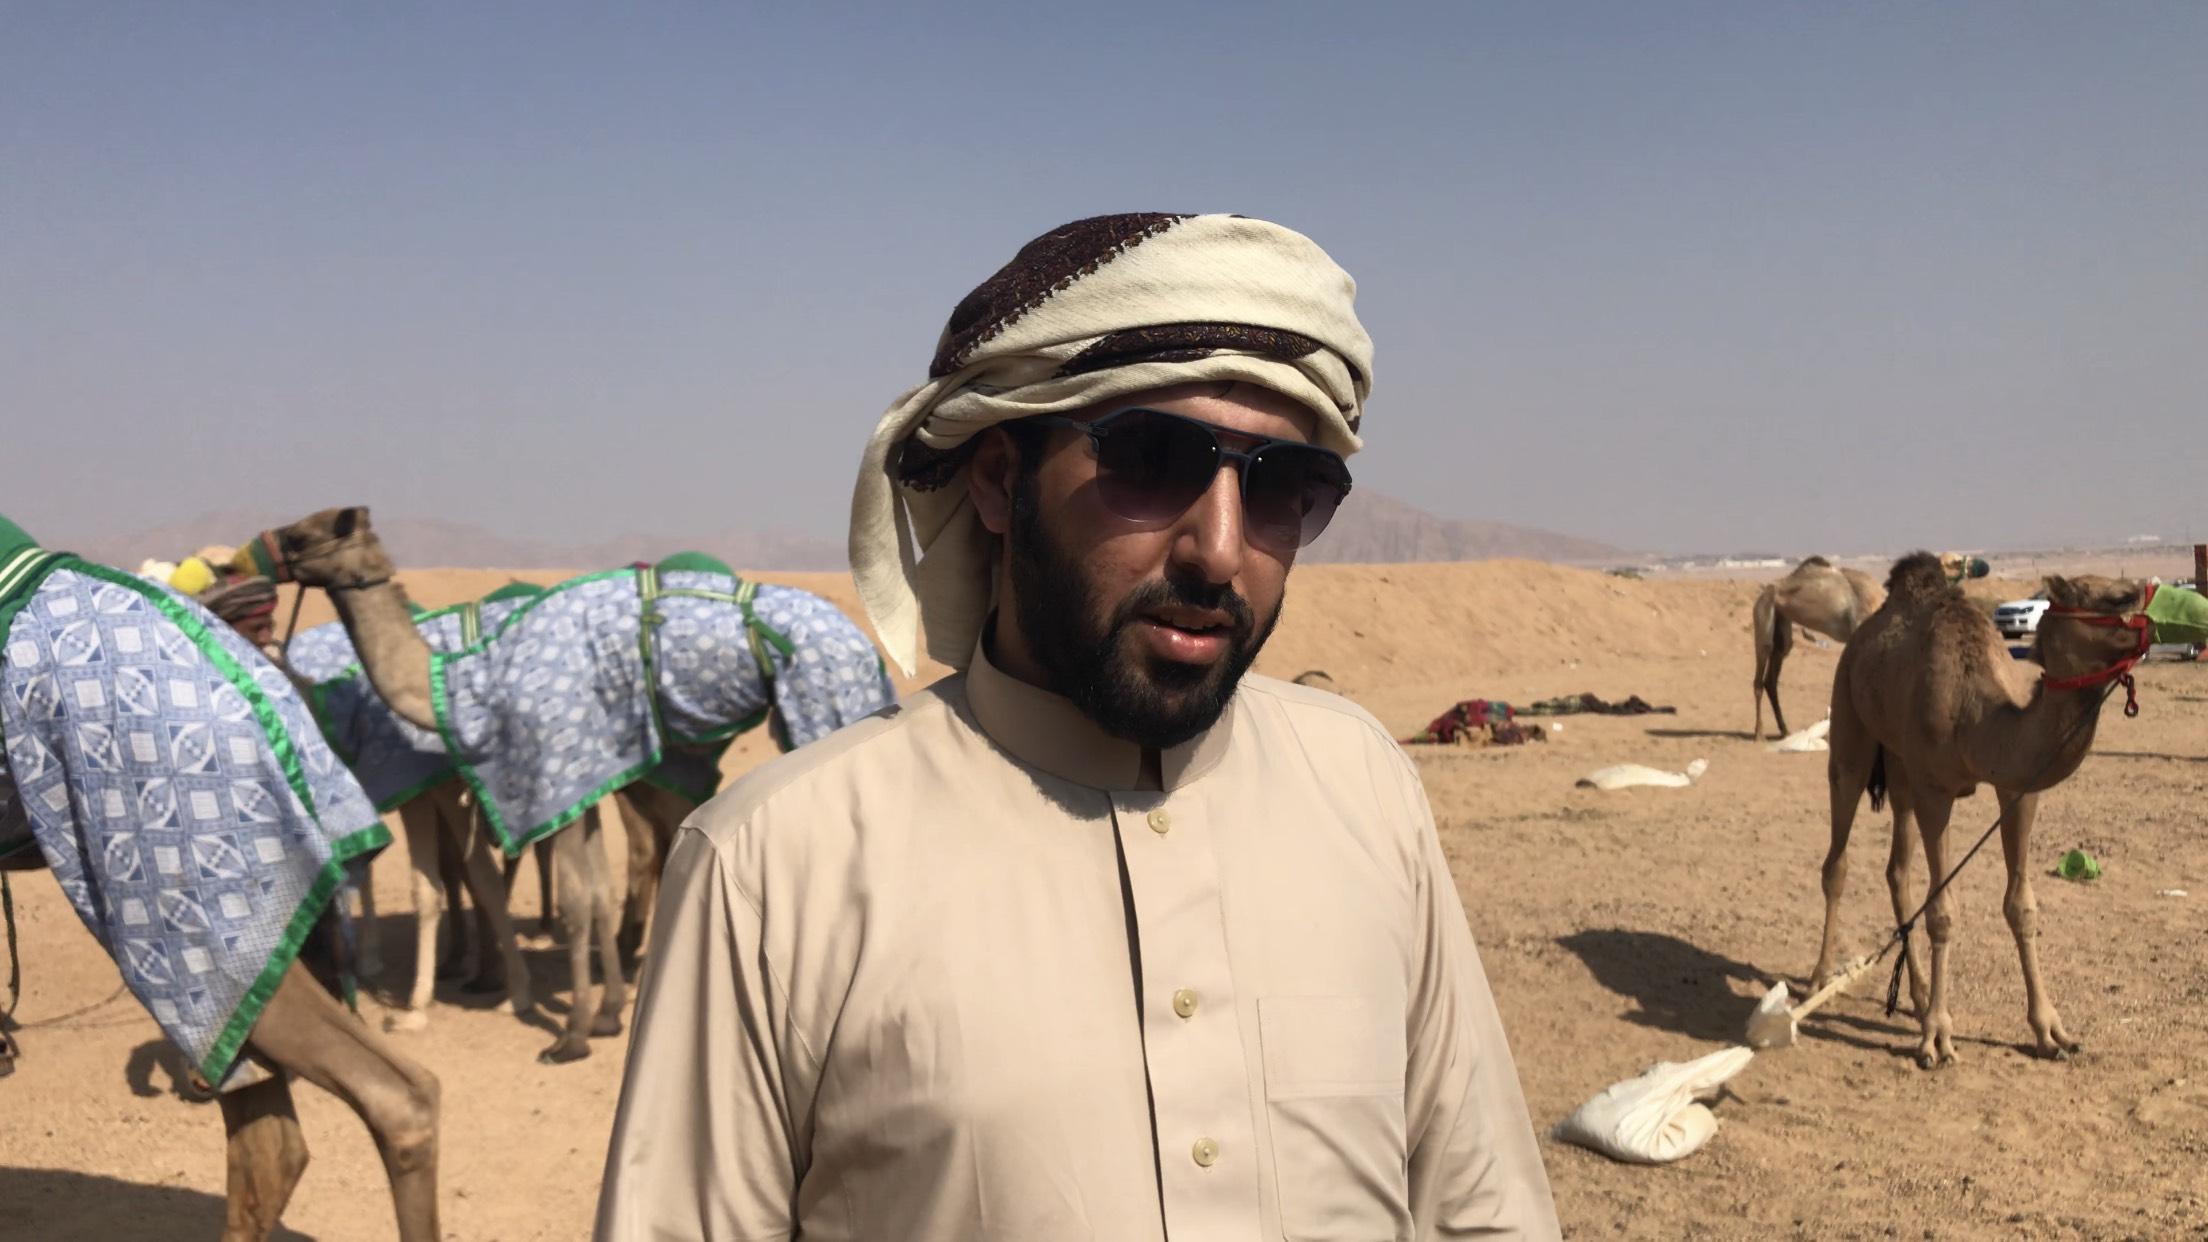 المشاركون فى مهرجان الهجن بشرم الشيخ من مختلف المحافظات (8)